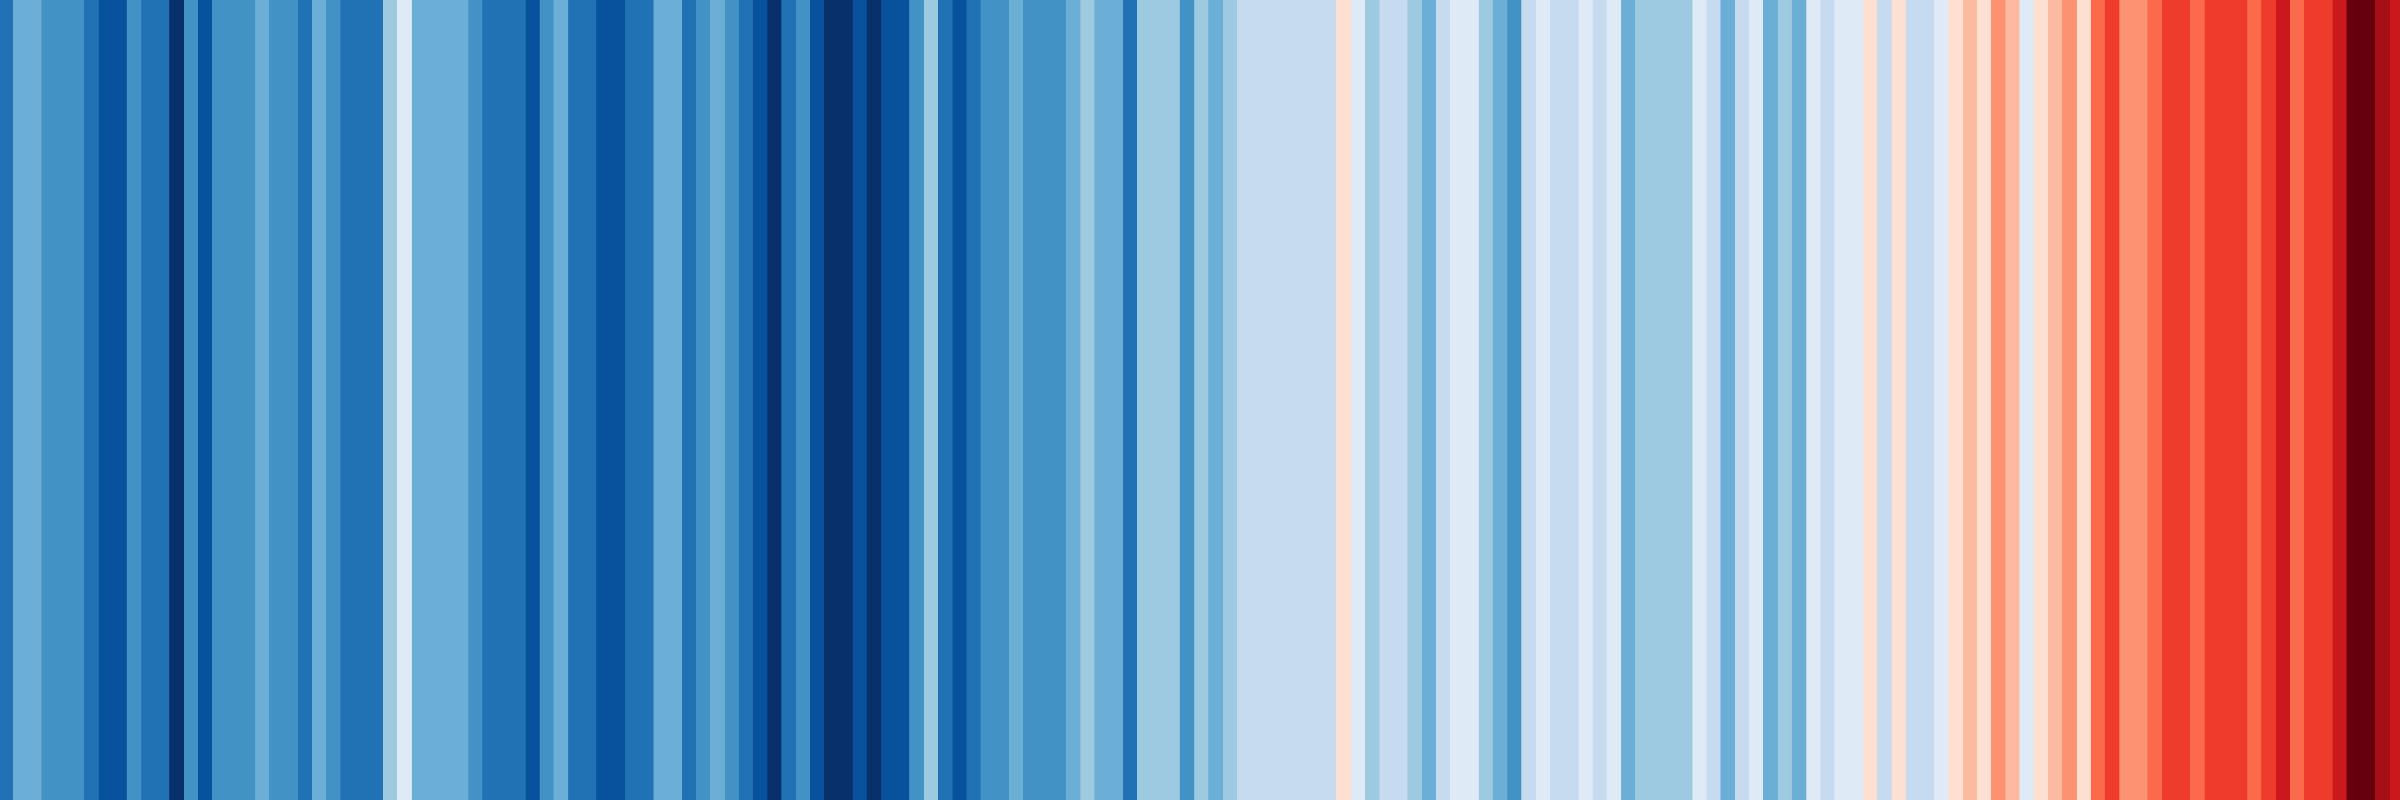 Rappresentazione visuale della media annuale delle temperature globali dal 1850 al 2018. — (Progetto #ShowYourStripes dello scienziato Ed Hawkins)